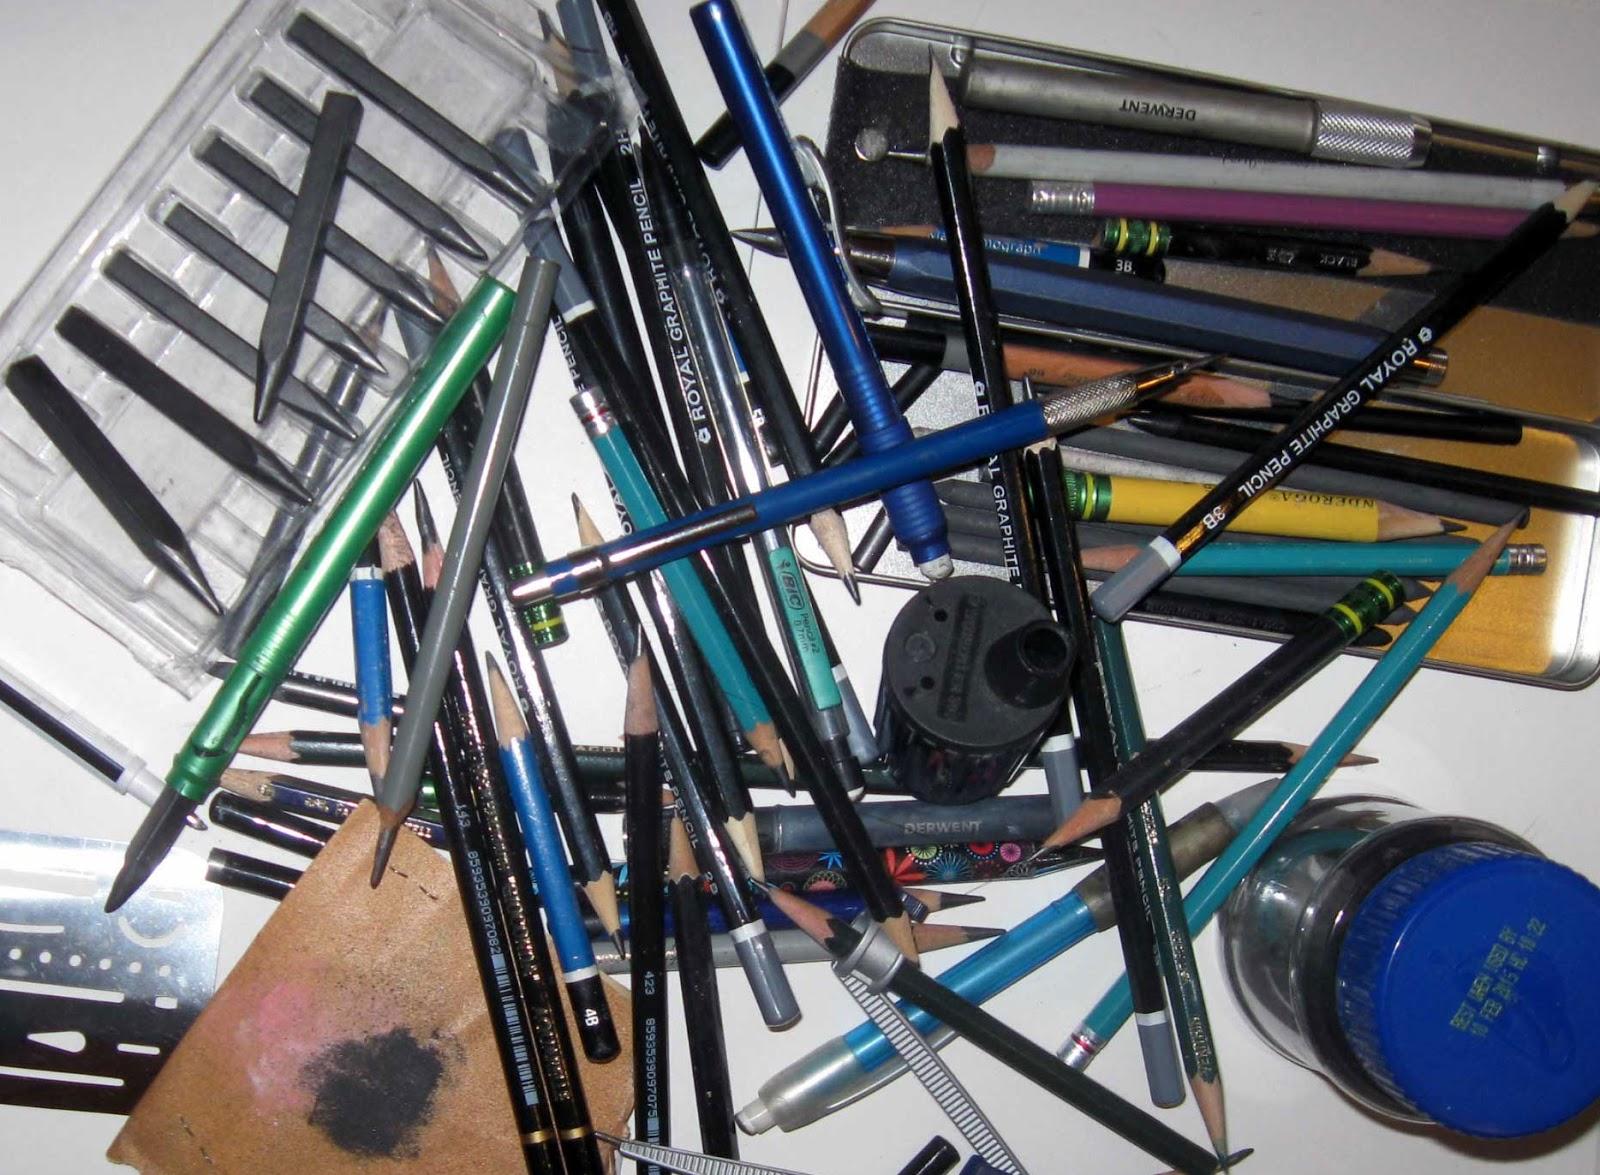 Pencils in pile